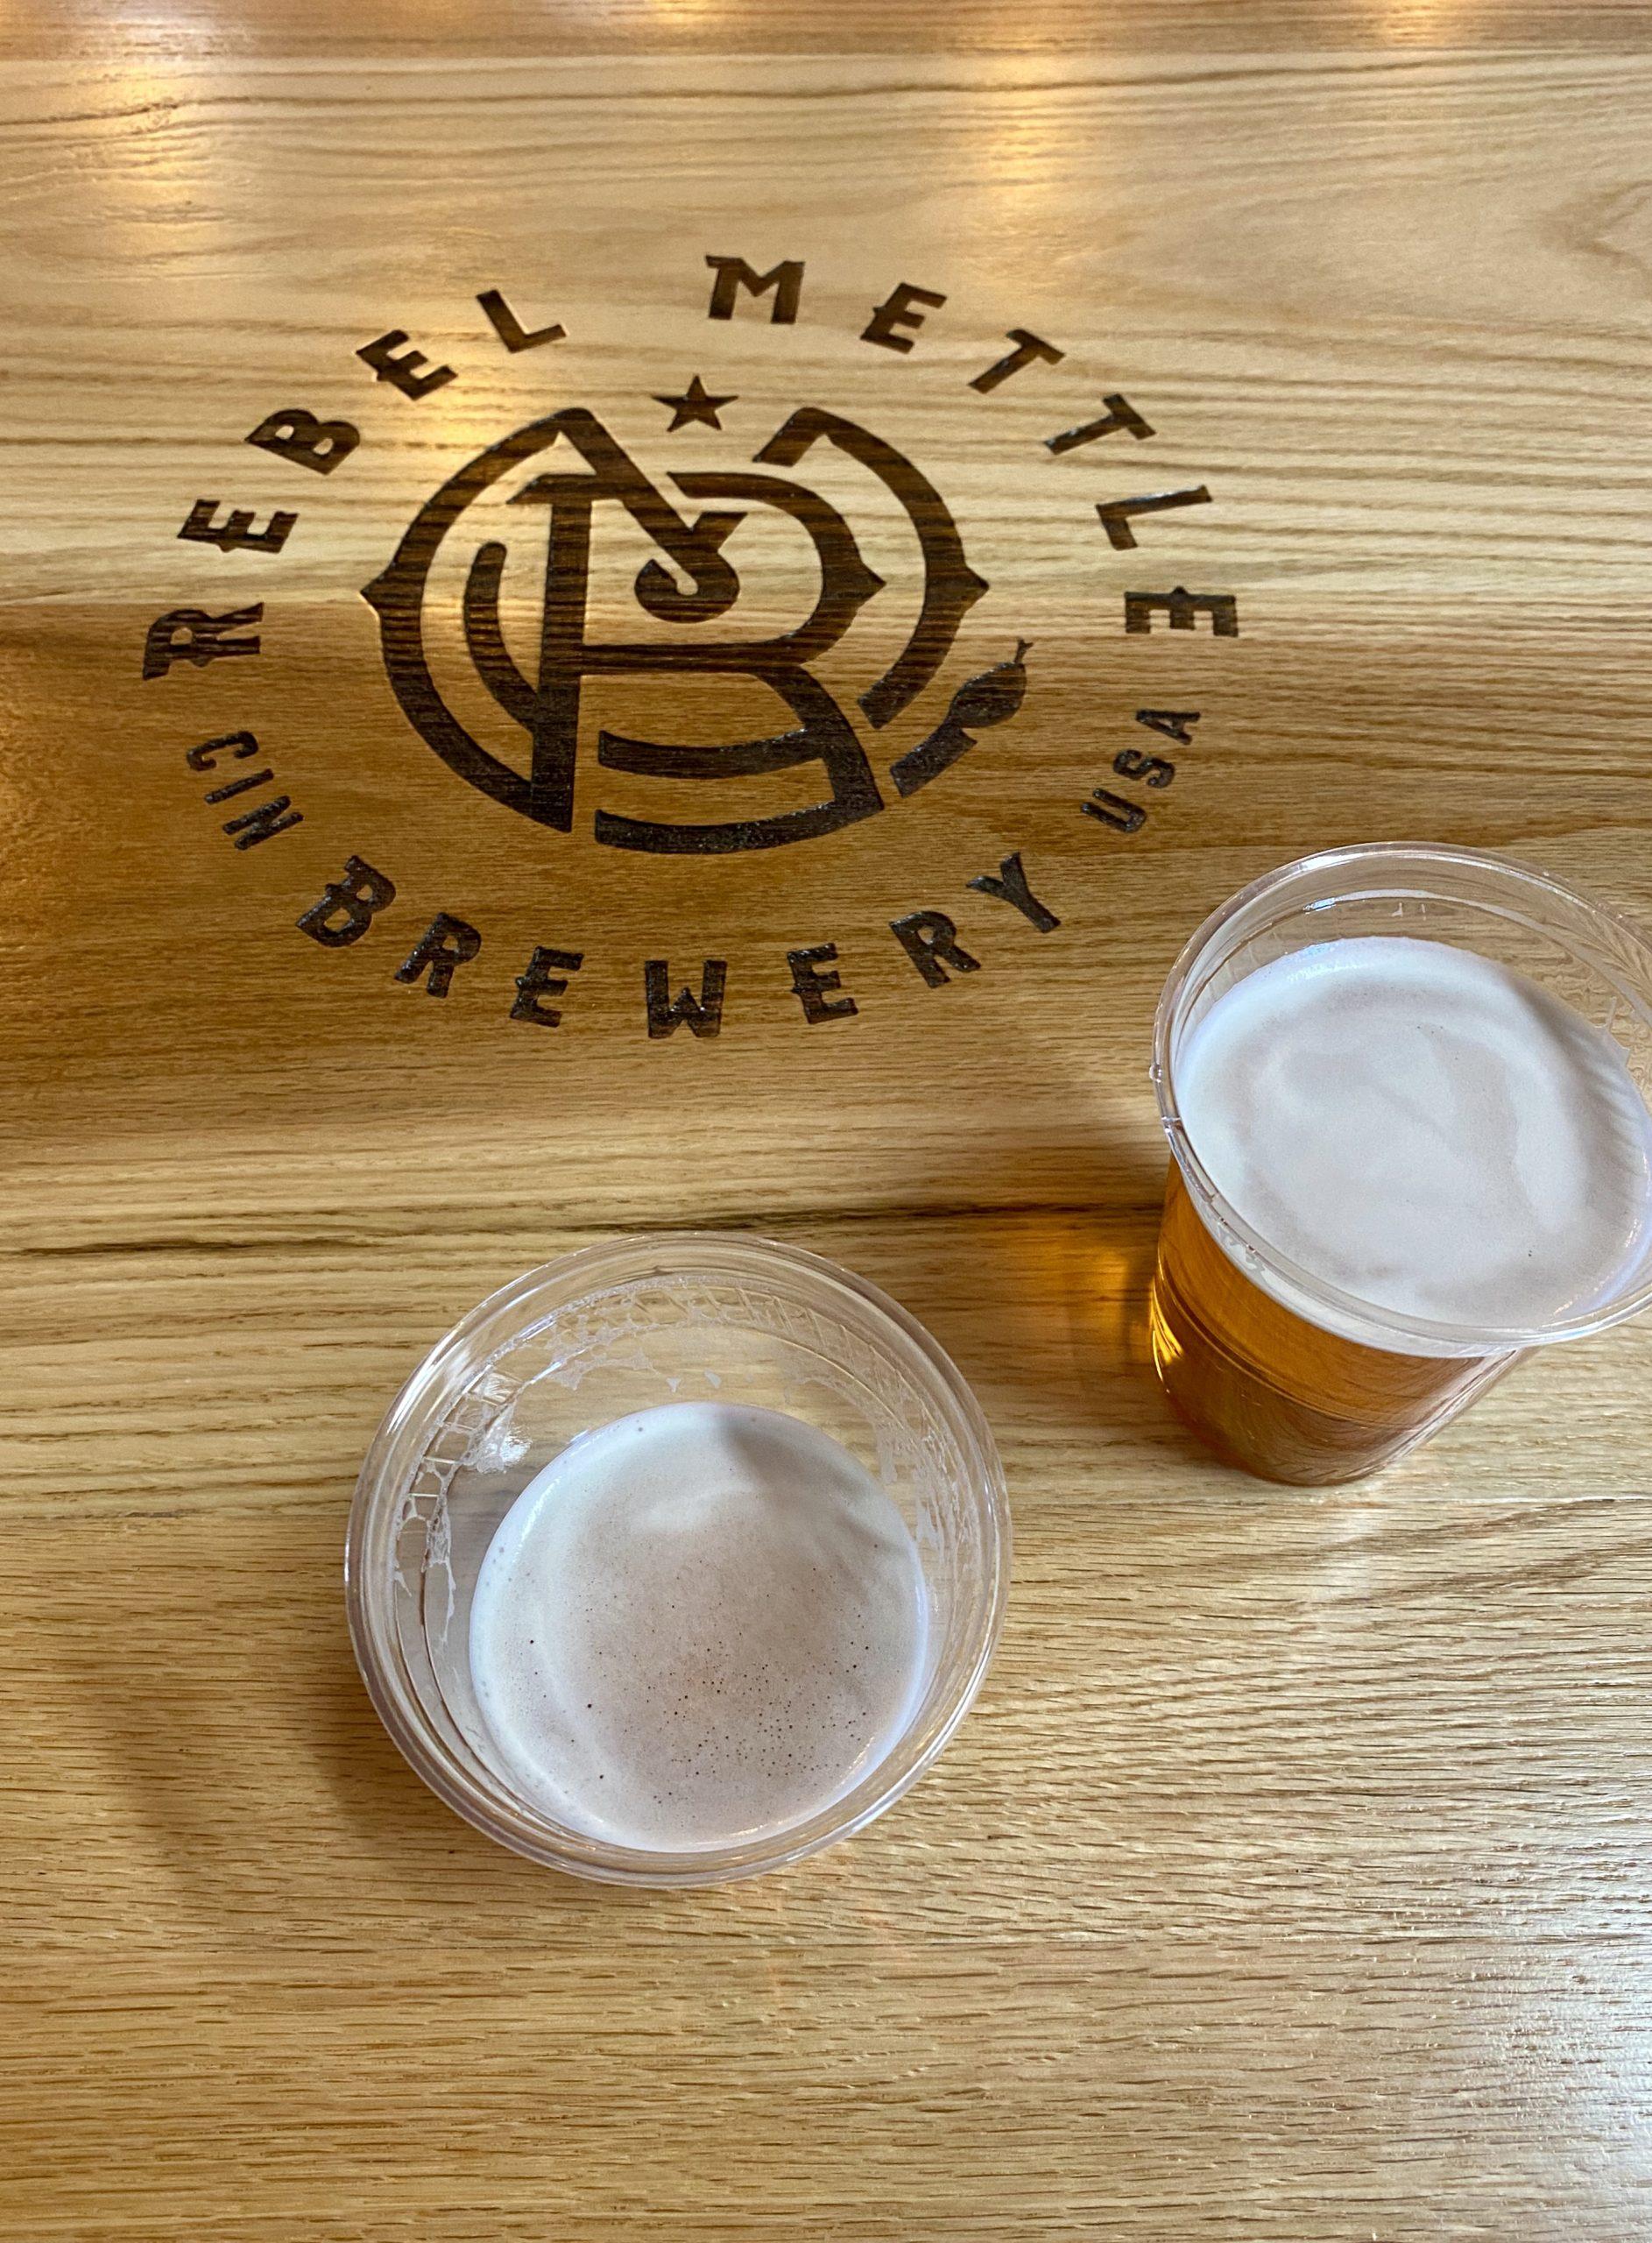 Rebel Mettle Brewery in Cincinnati, Ohio